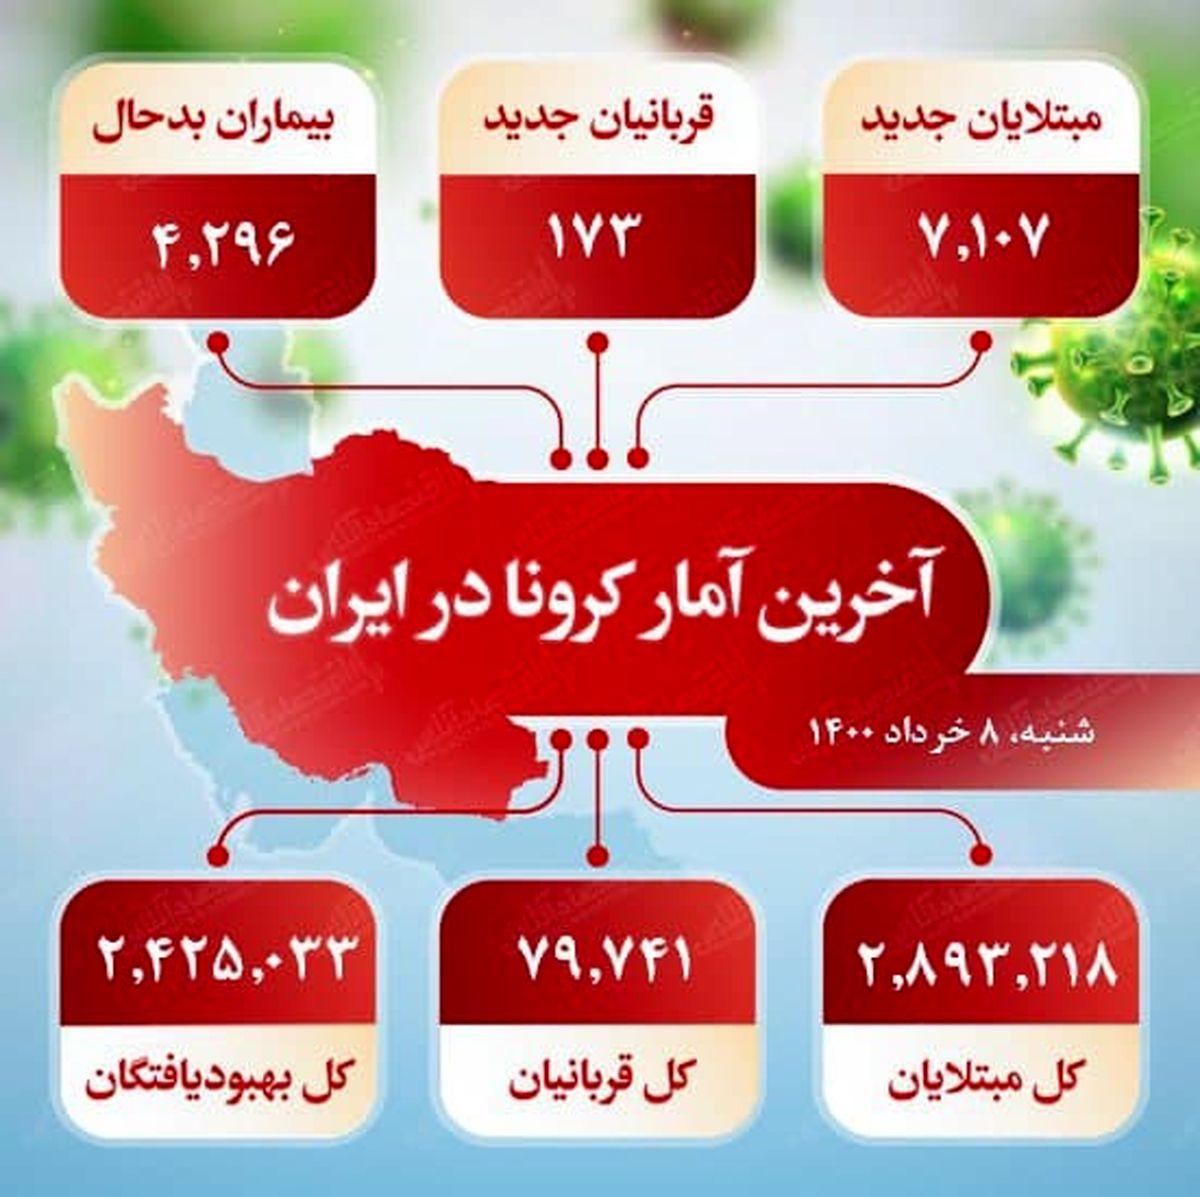 آخرین آمار کرونا در ایران (۱۴۰۰/۳/۸)